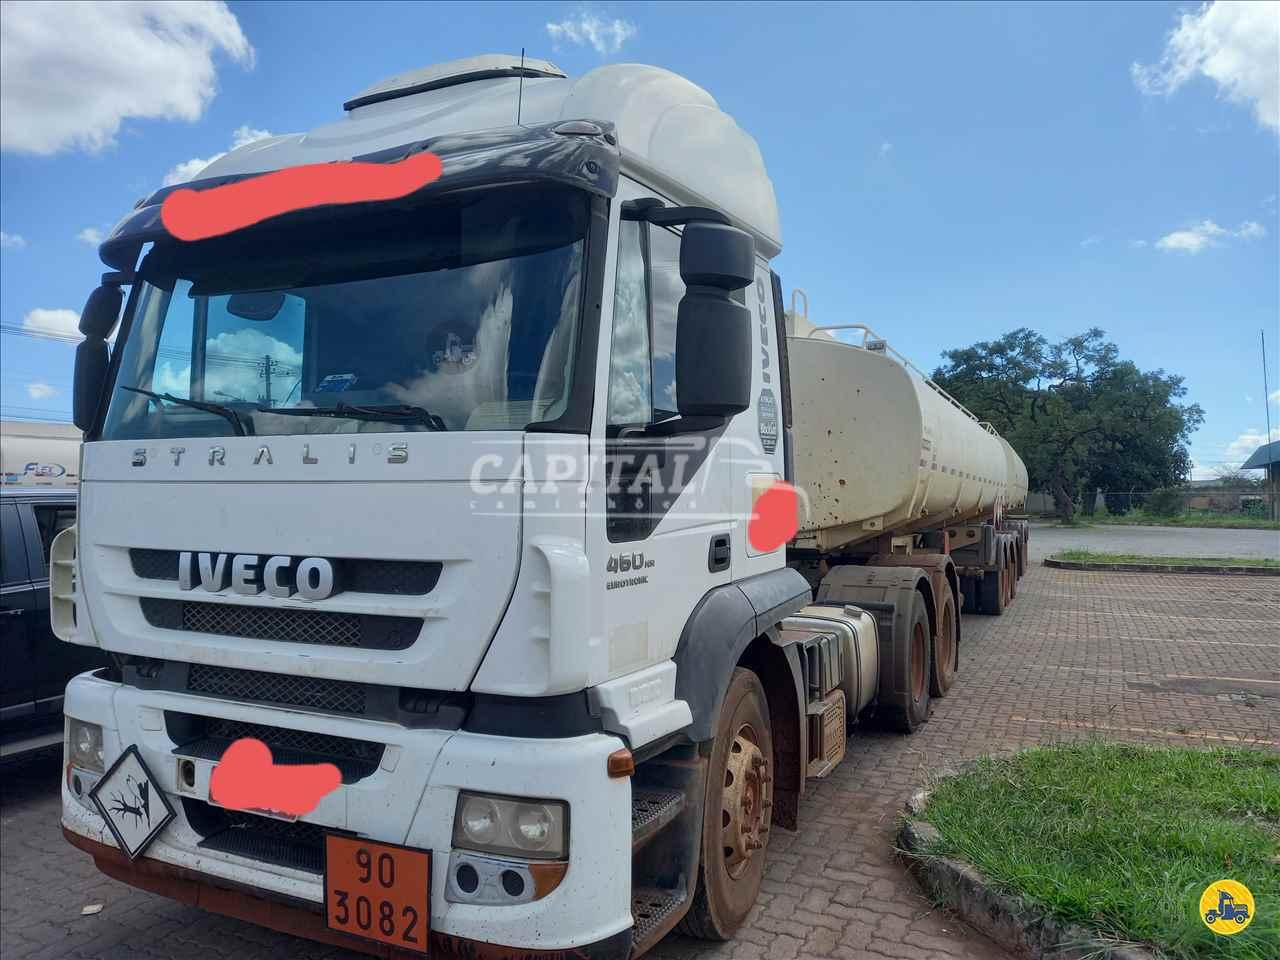 CAMINHAO IVECO STRALIS 460 Cavalo Mecânico Traçado 6x4 Capital Caminhões - Metalesp e Recrusul  BRASILIA DISTRITO FEDERAL DF